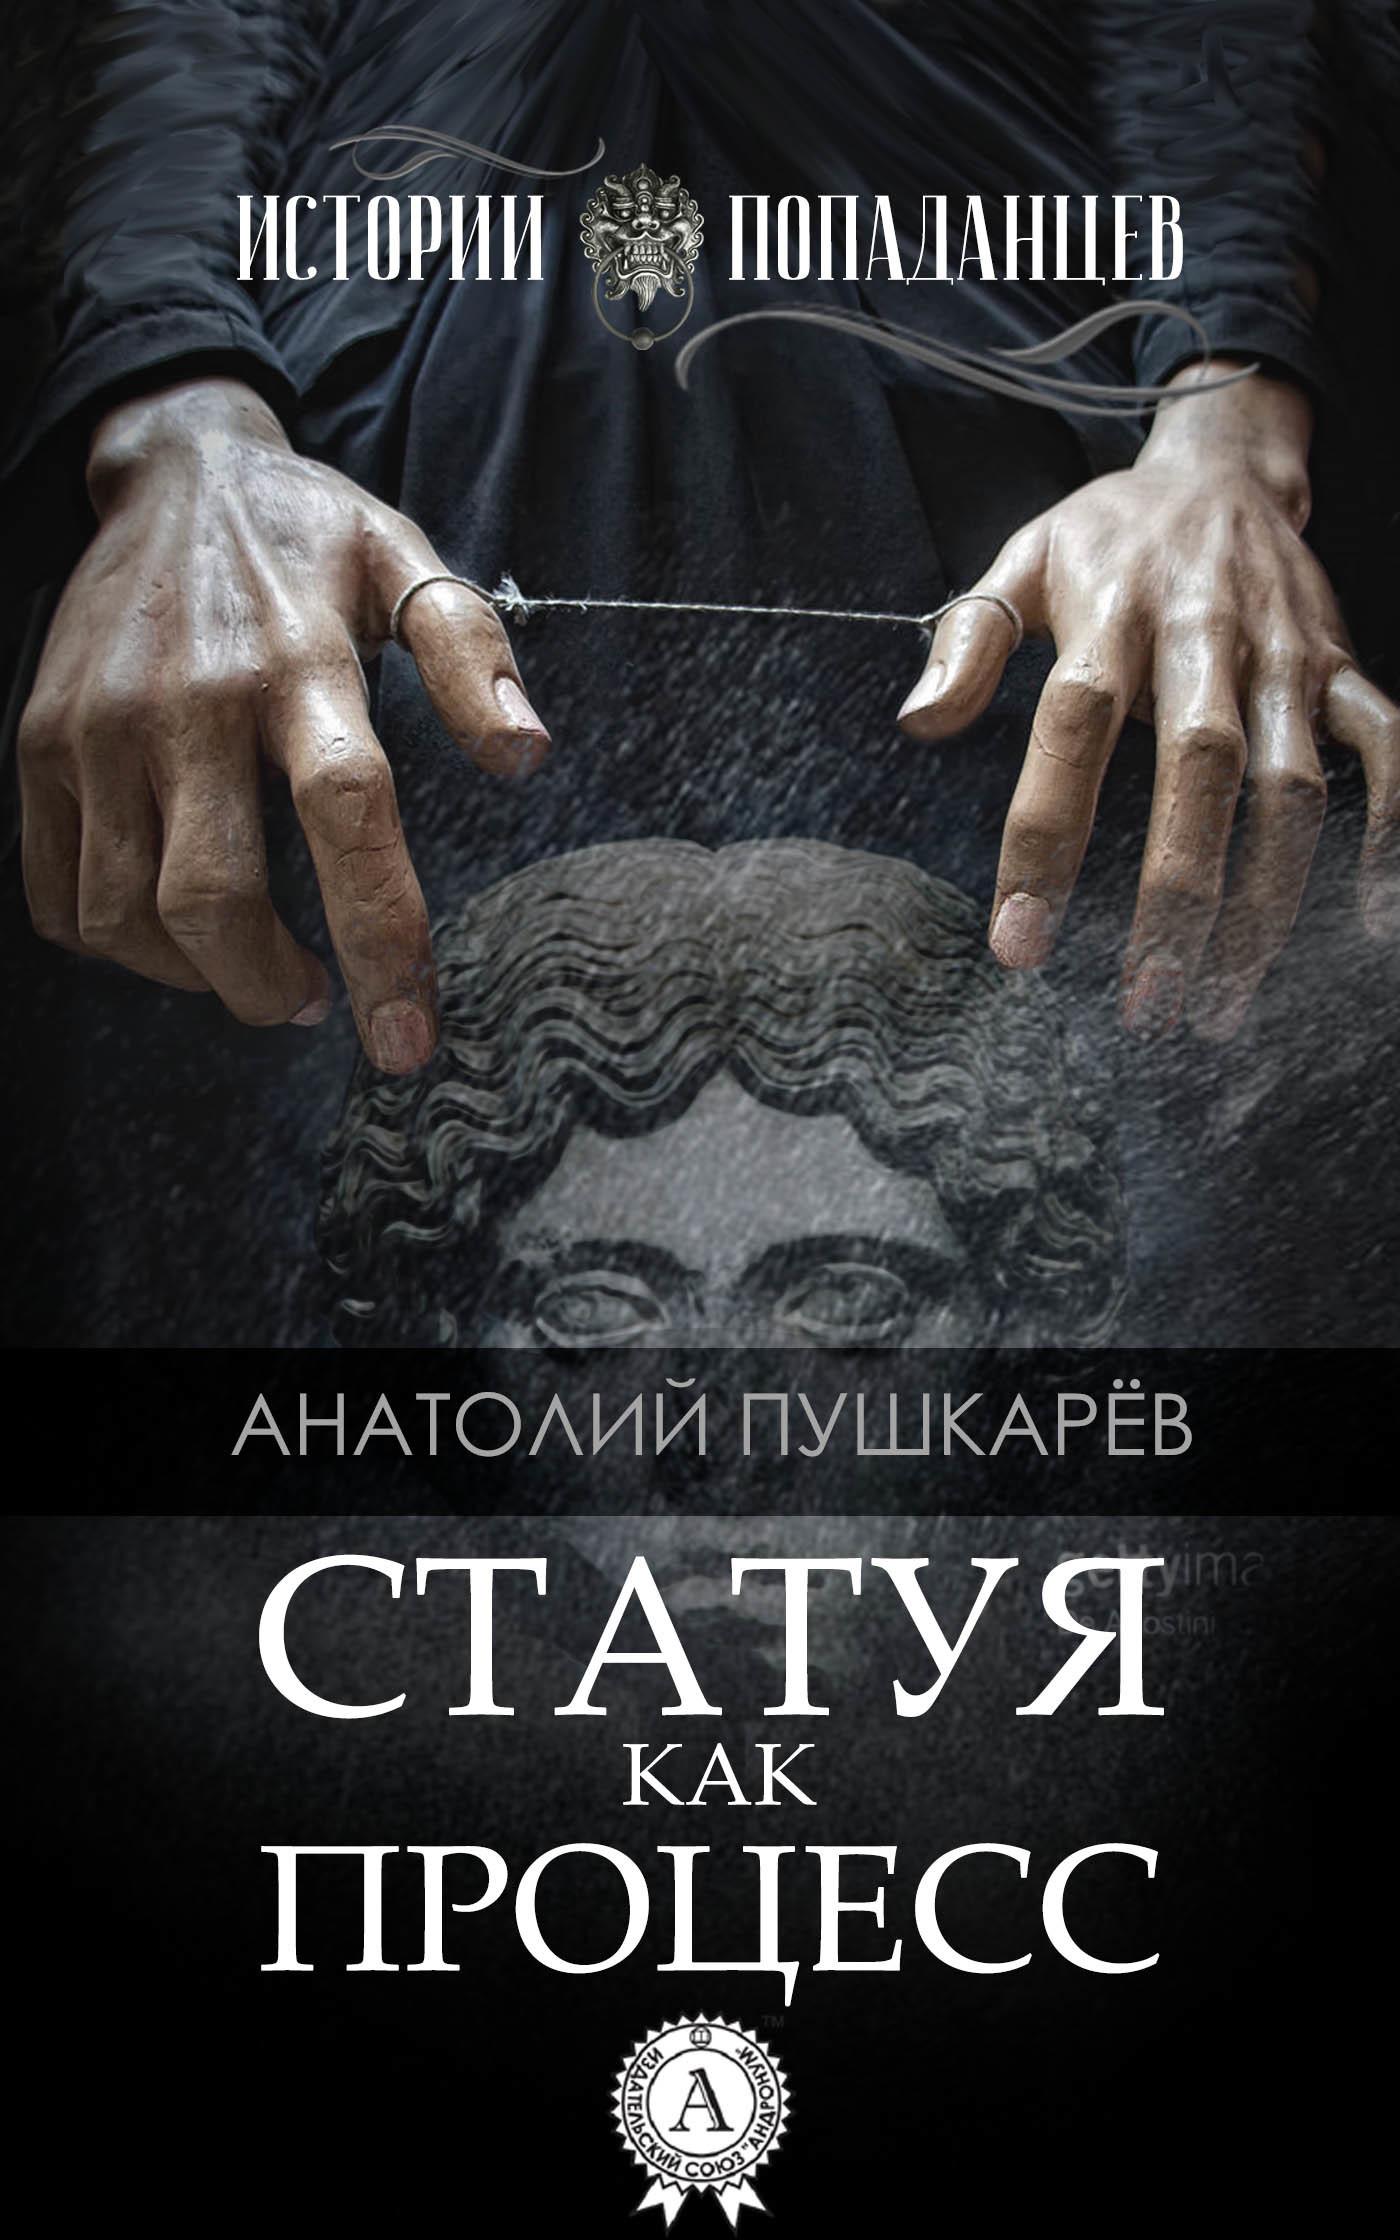 Обложка книги Статуя как процесс, автор Пушкарёв, Анатолий